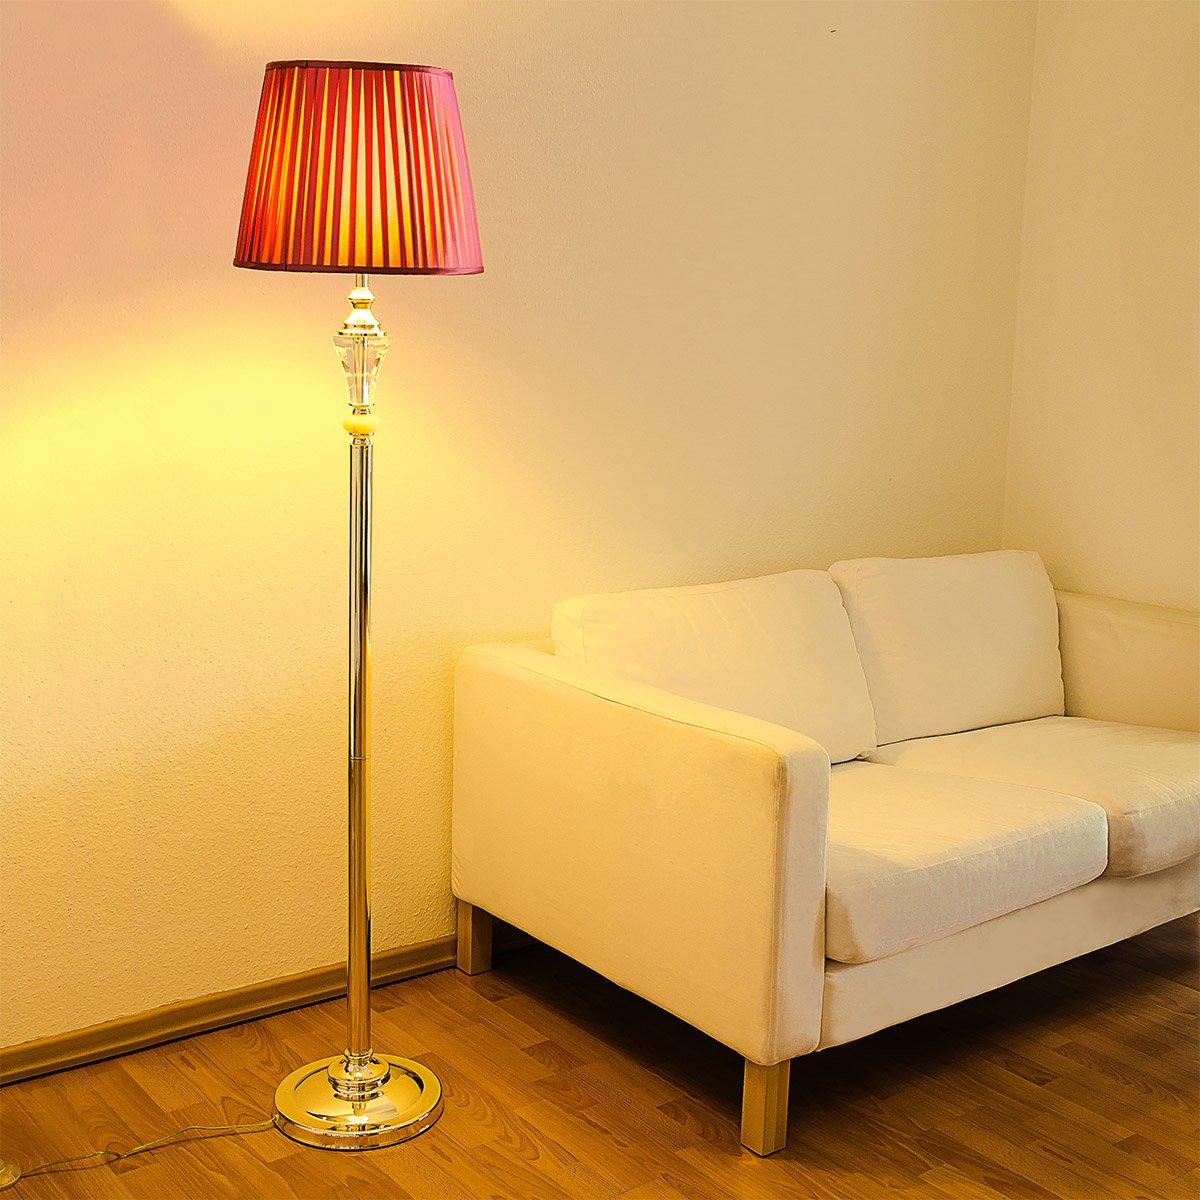 Relaxdays Lampadaire Liseuse Avec Abat Jour En Verre Lampe Sur Pied